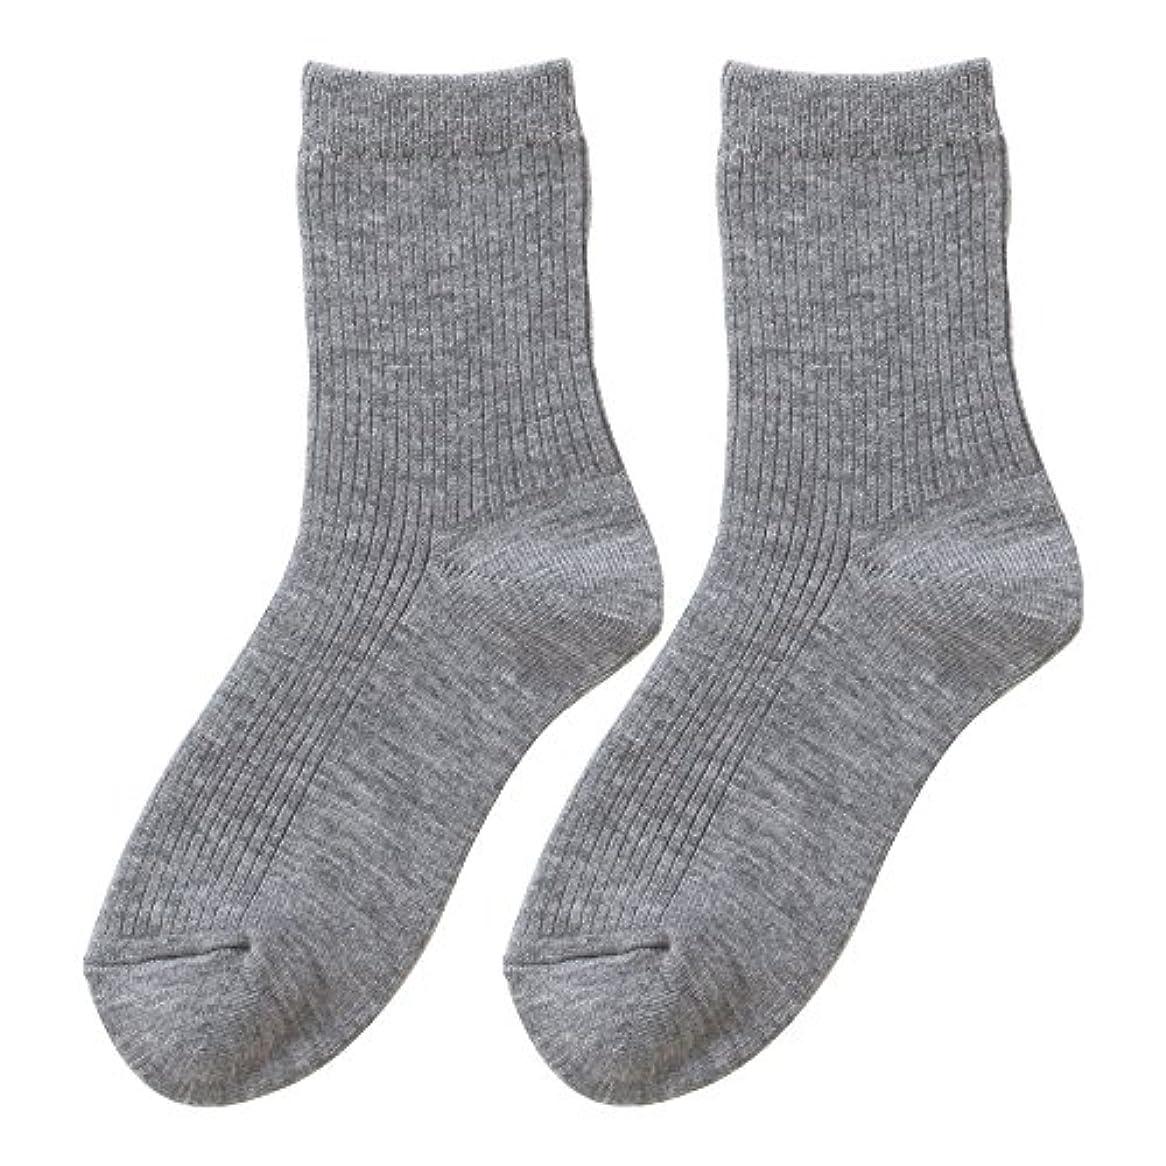 月装置トランクライブラリひだまり ダブルソックス 婦人用 靴下[22~24cm] グレー